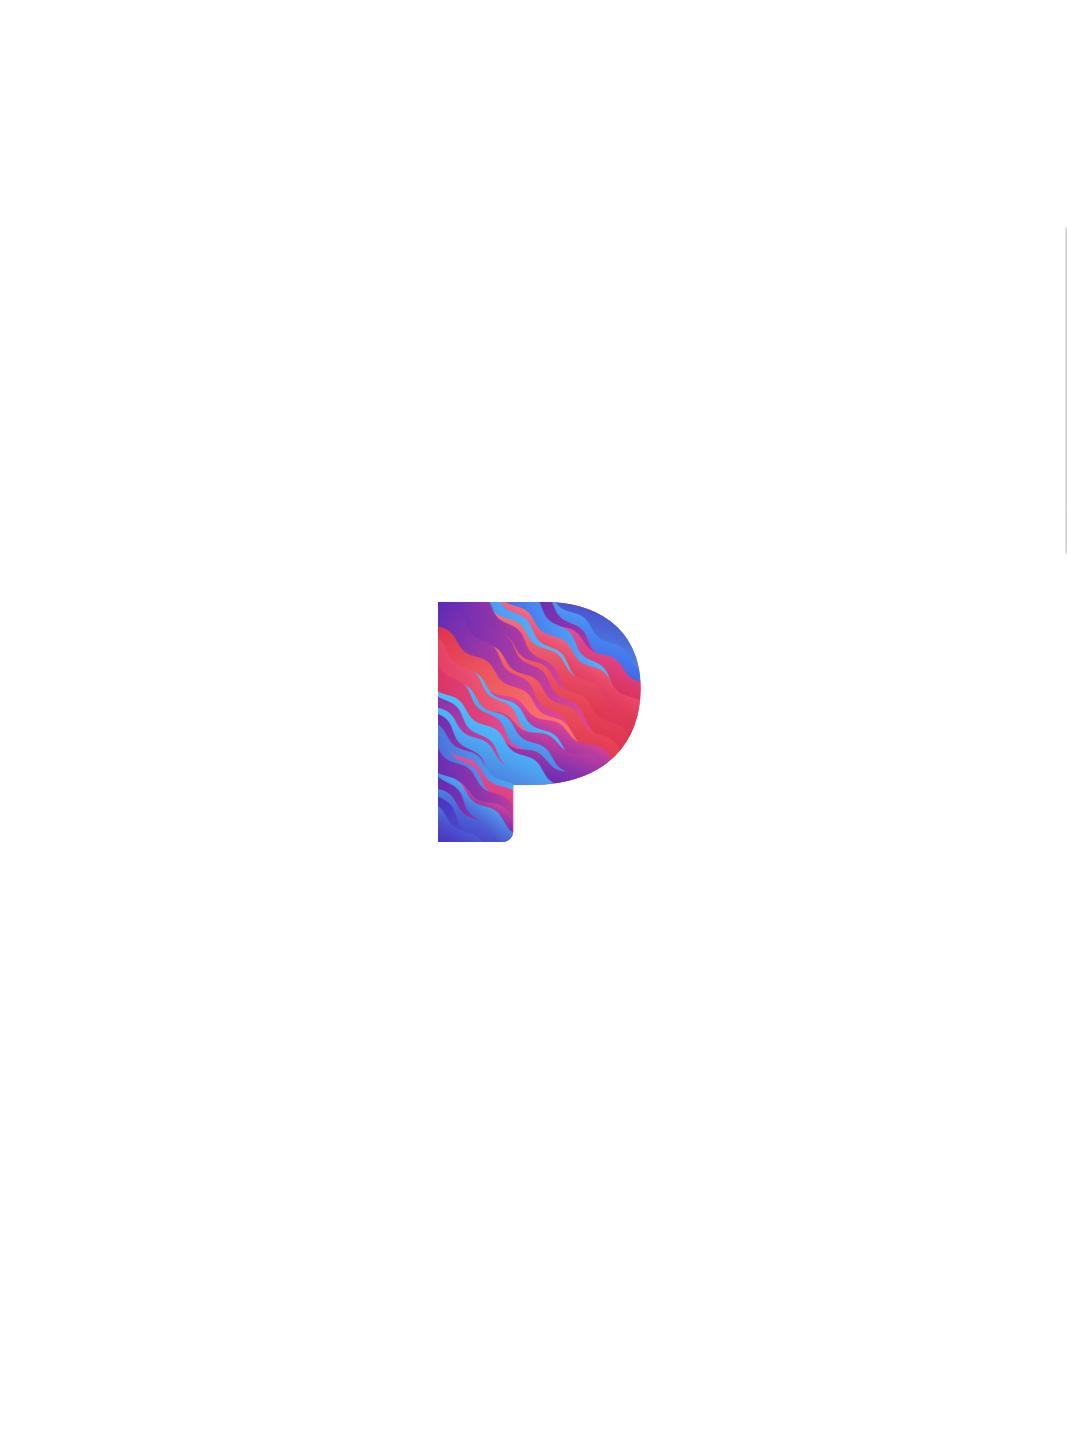 Pandora's new app logo App logo, App, Logos